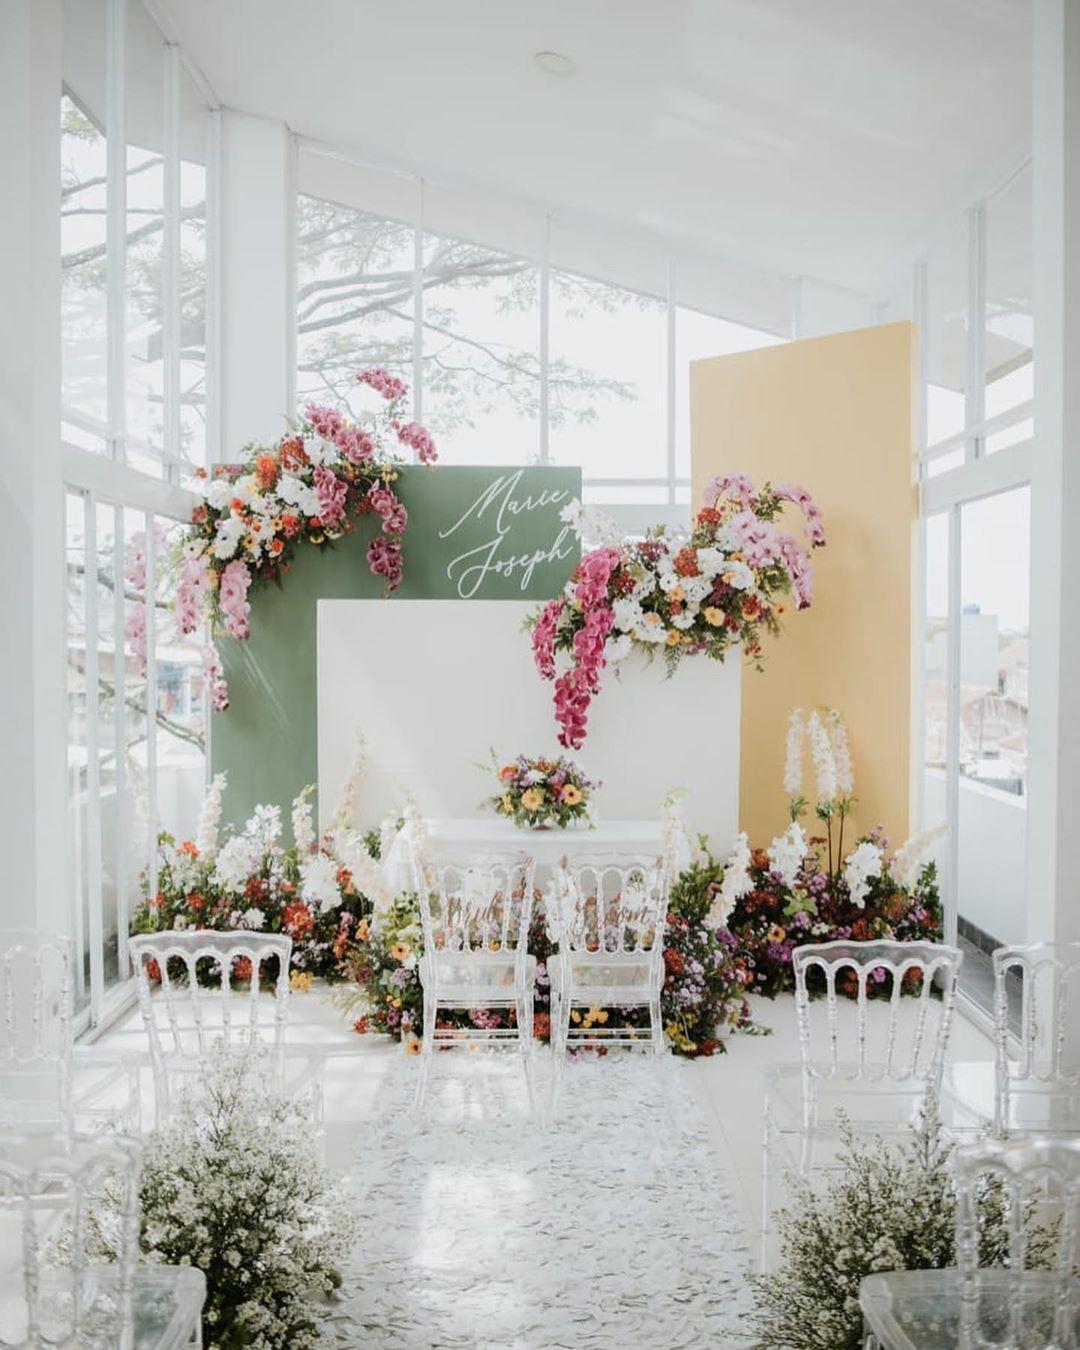 Diy Dekorasi Lamaran Simpel Nan Elegan Idewedding Di 2020 Dekorasi Pernikahan Klasik Lamaran Pernikahan Latar Belakang Pernikahan